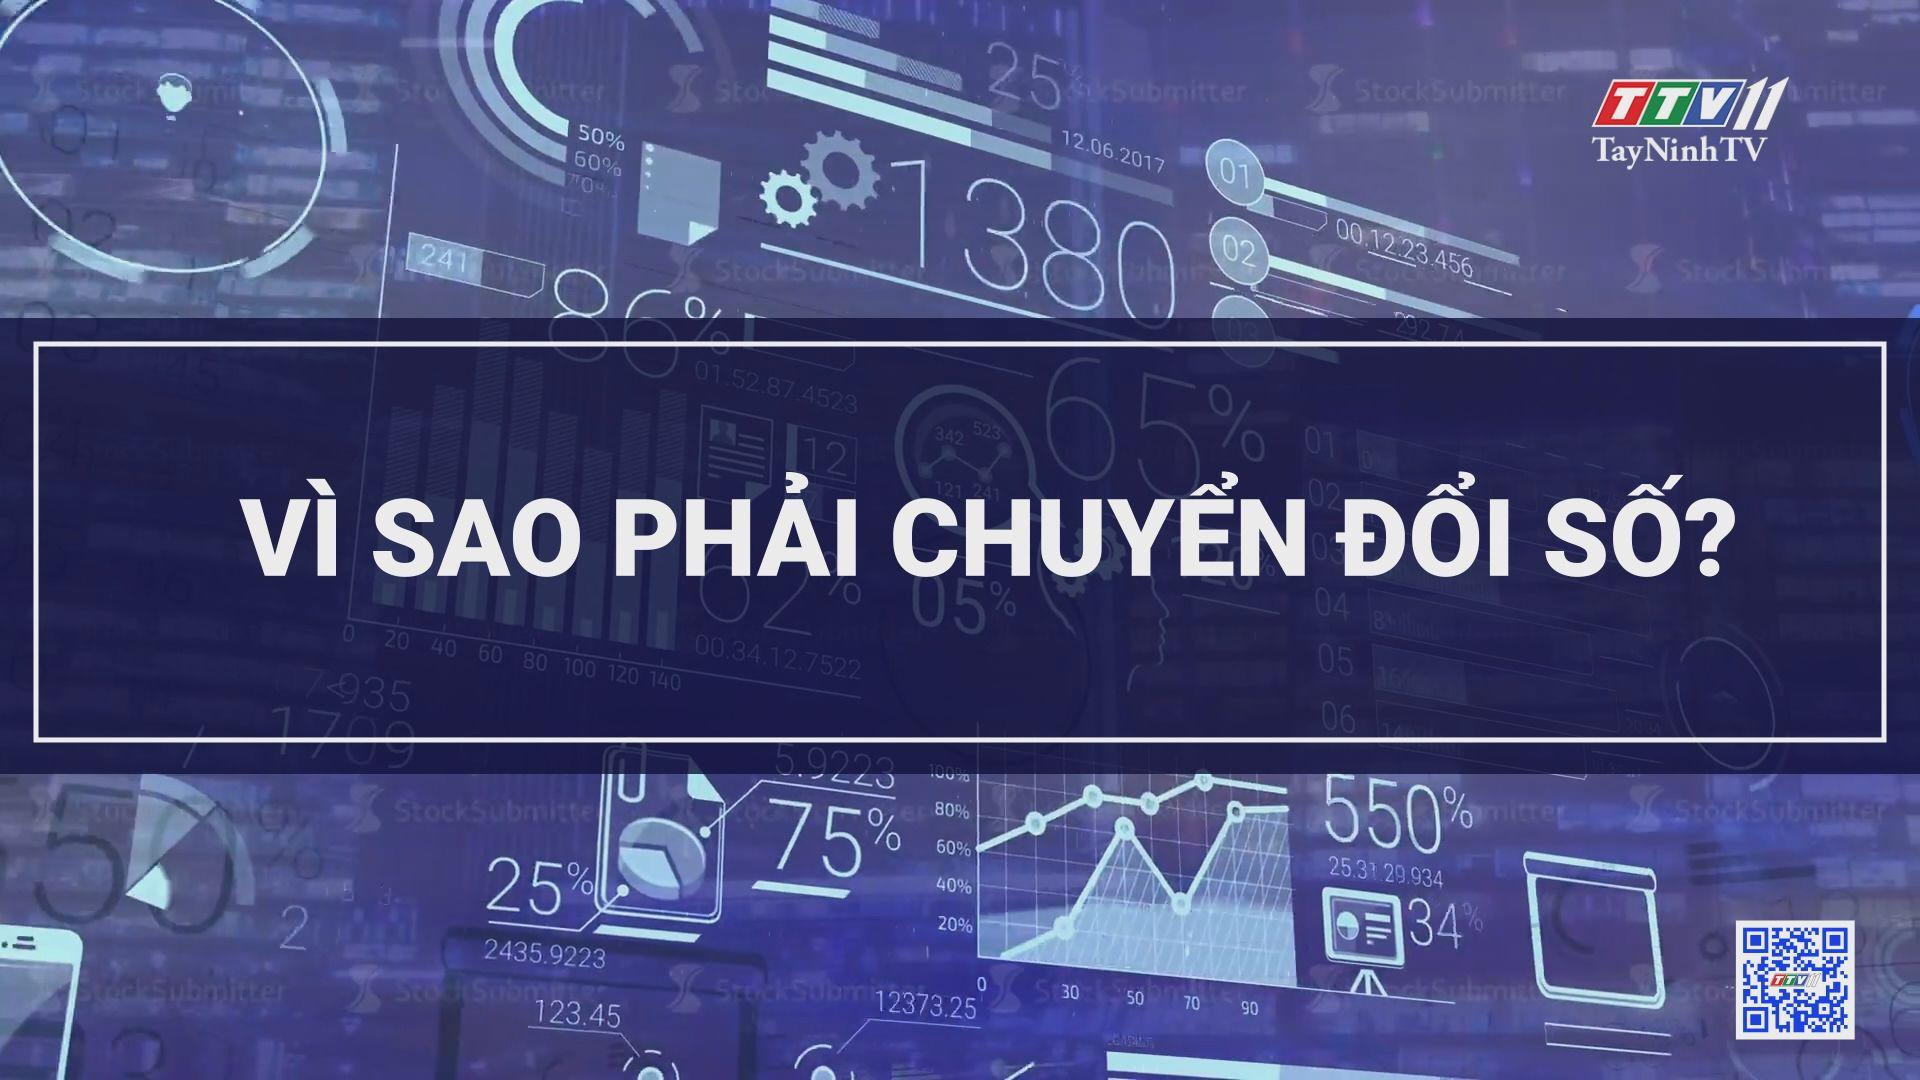 Vì sao phải chuyển đổi số? | CHUYỂN ĐỔI SỐ | TayNinhTV